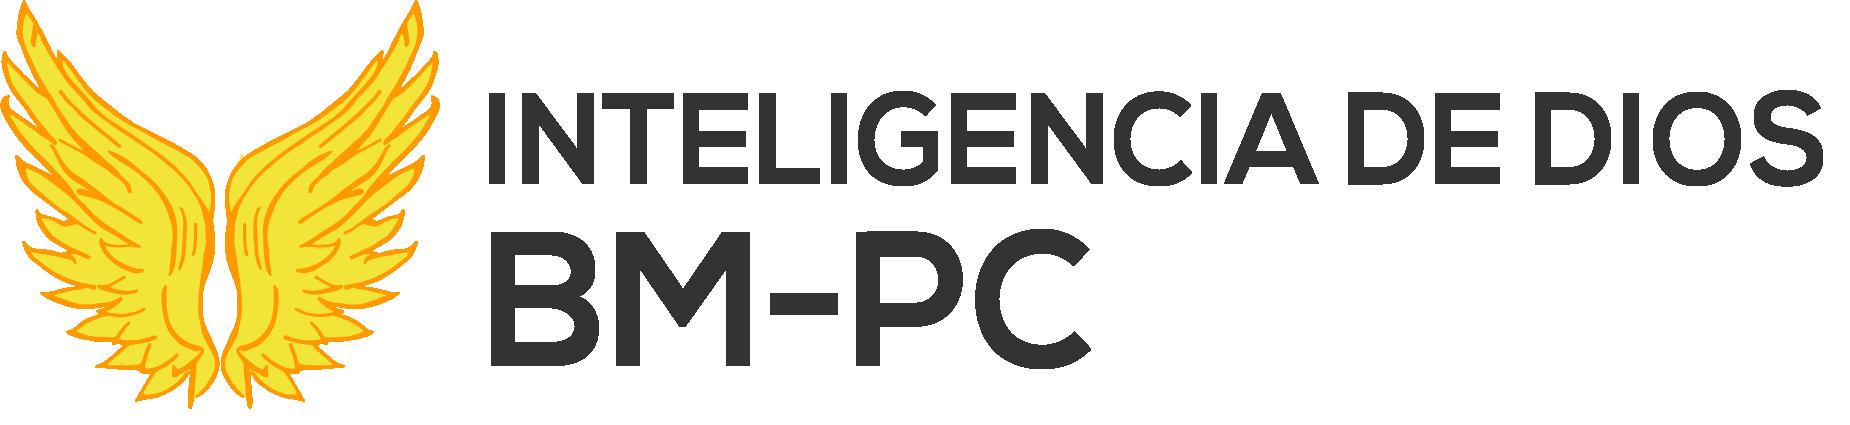 Colegio Inteligencia de Dios BM-PC